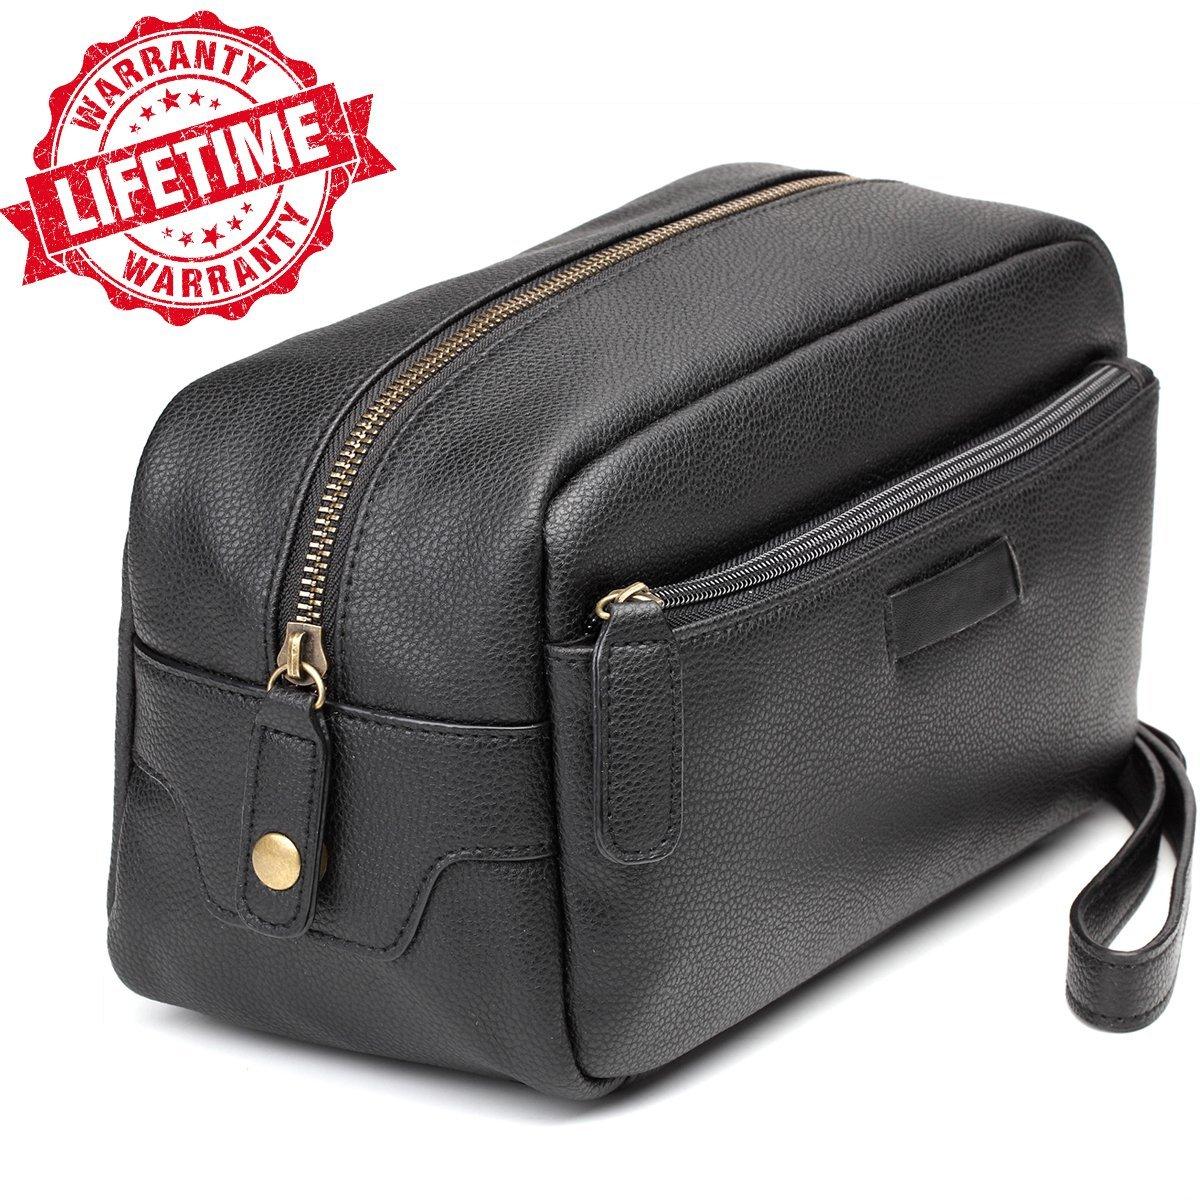 e84ea5de4b Get Quotations · Toiletry Bag-Leather Toiletry Bag Dopp Kit – Mens Toiletry  Bag